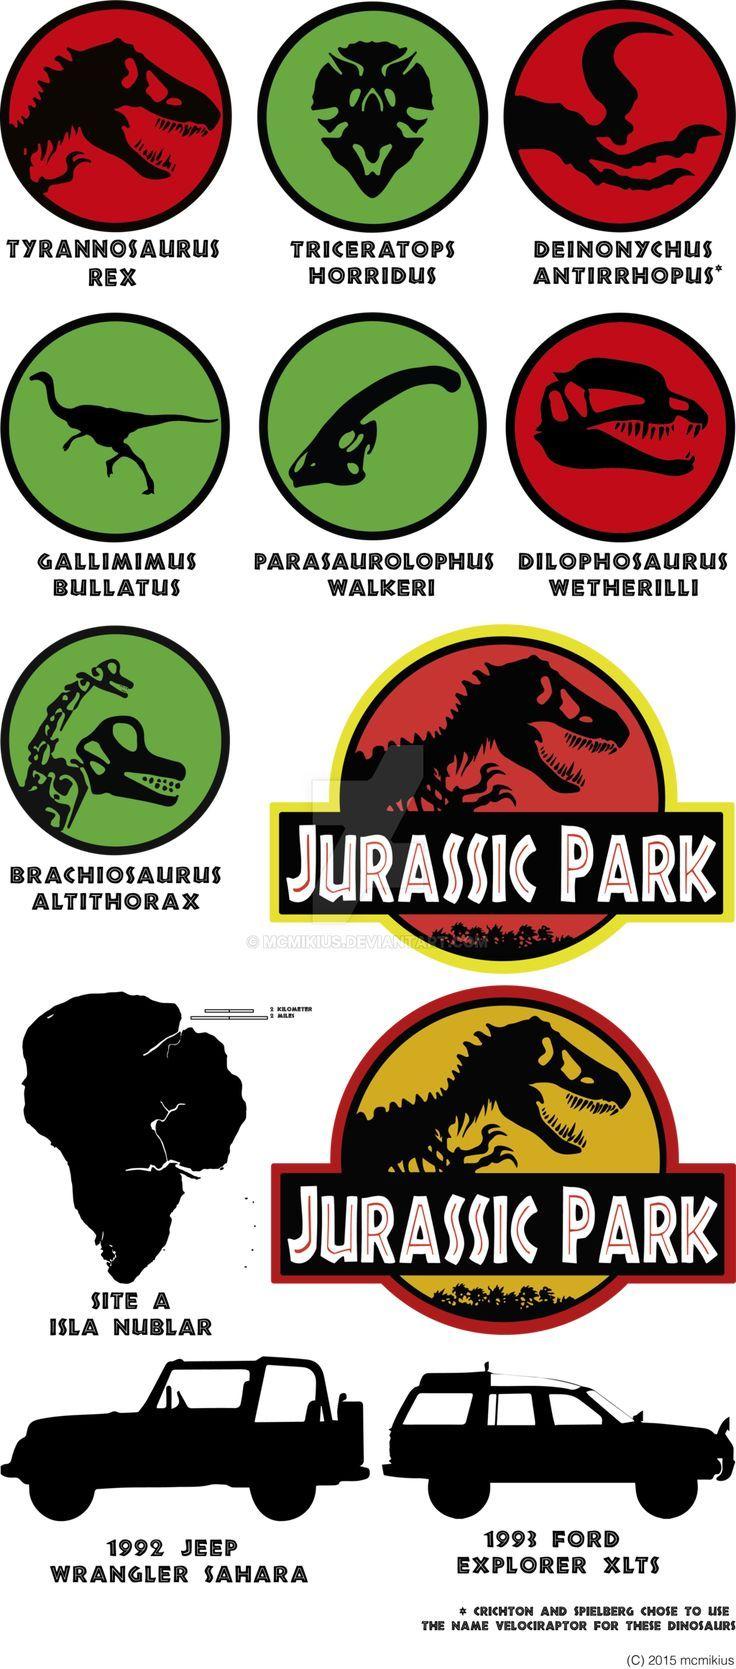 Jurassic Park dinosaurus ver 2 von mcmikius.deviantart.com auf @DeviantArt #jurassicparkworld